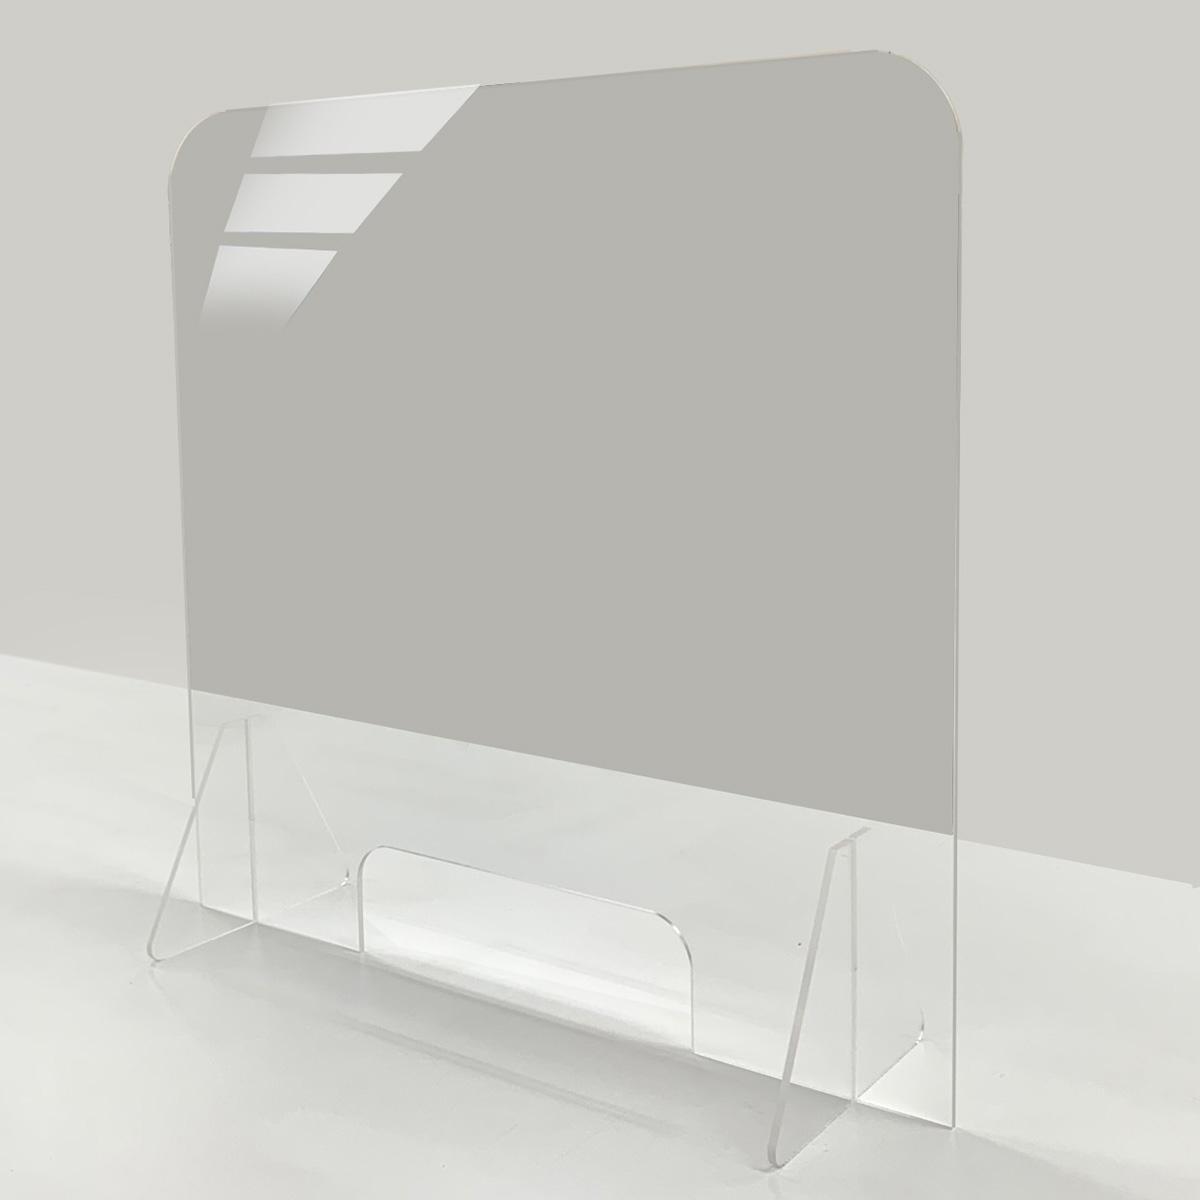 飛沫防止 アクリルパーテーション 窓あり小(W600×H575mm)